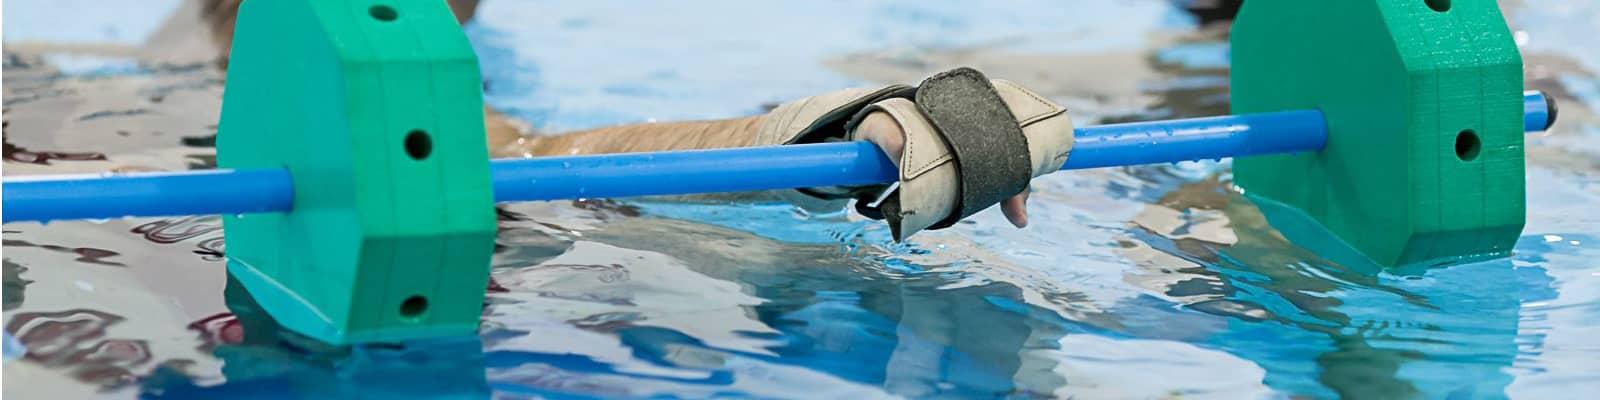 Hidroterapia. Fisioterapia en el agua